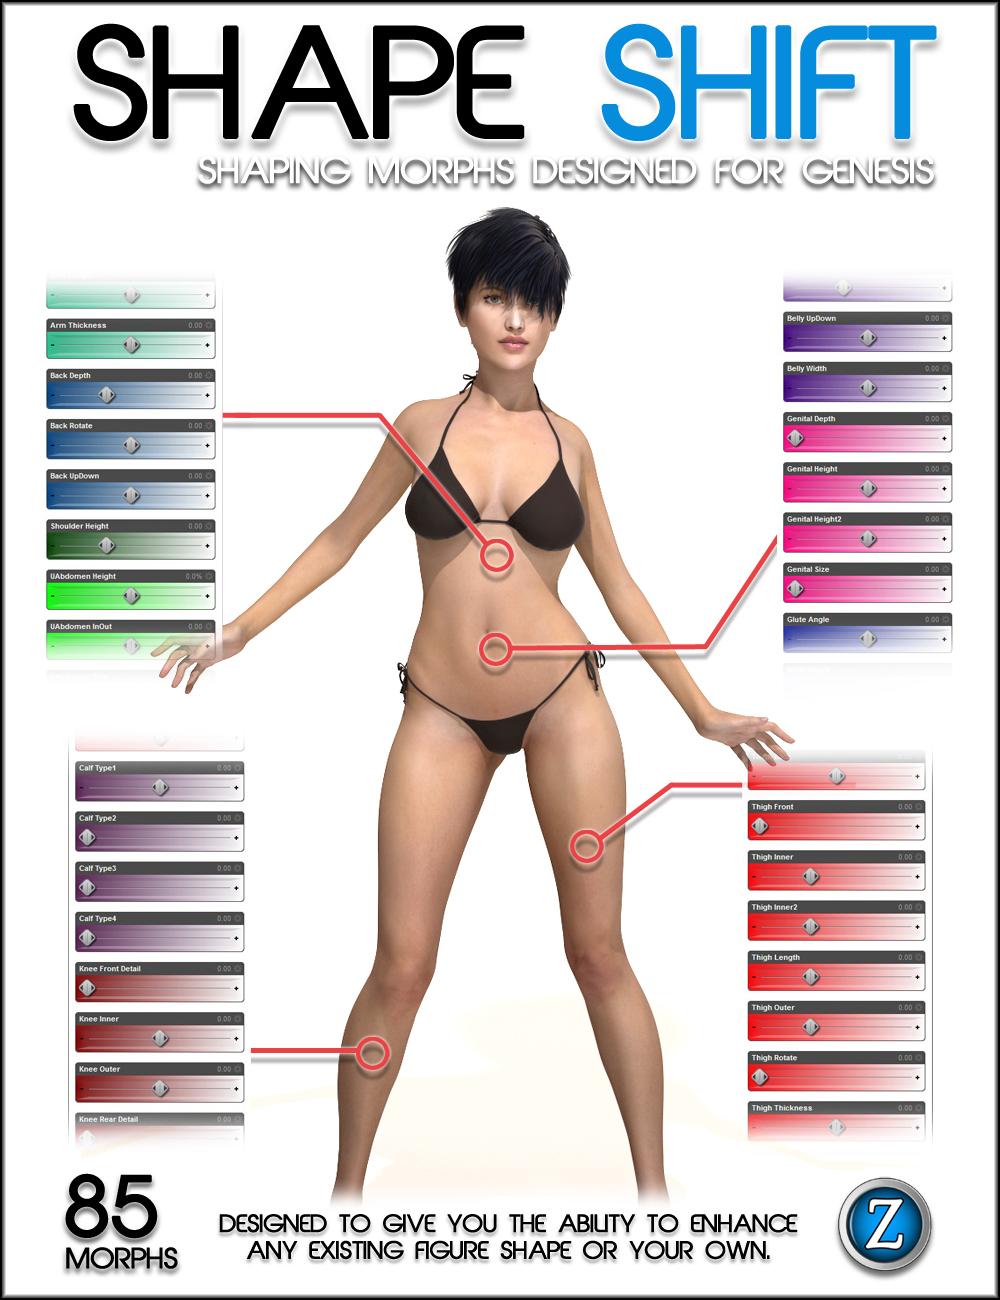 Shape Shift for Genesis by: Zev0, 3D Models by Daz 3D